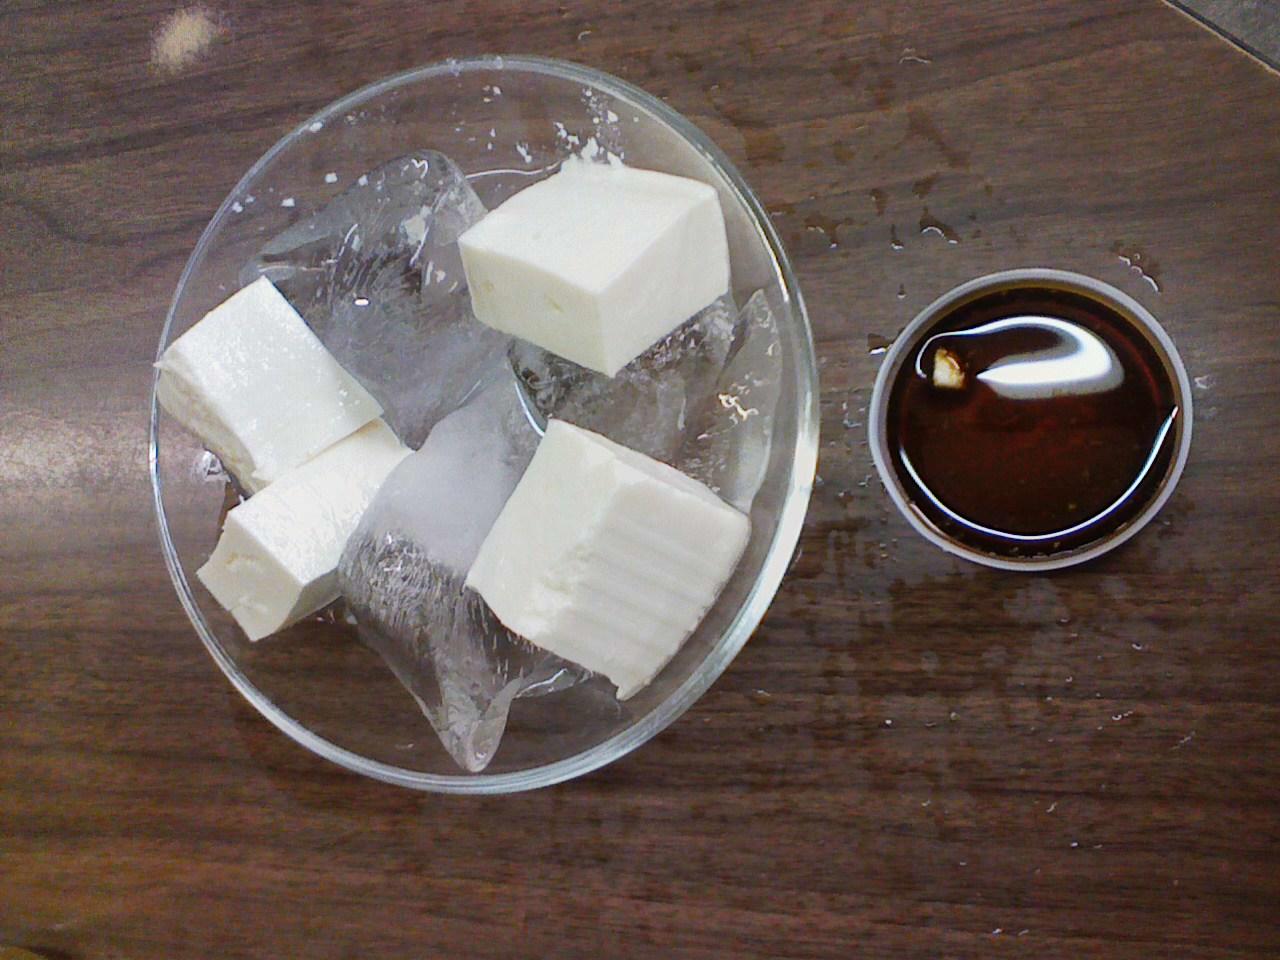 角打ちで「300円豆腐」の贅沢とは?_c0061686_70914.jpg